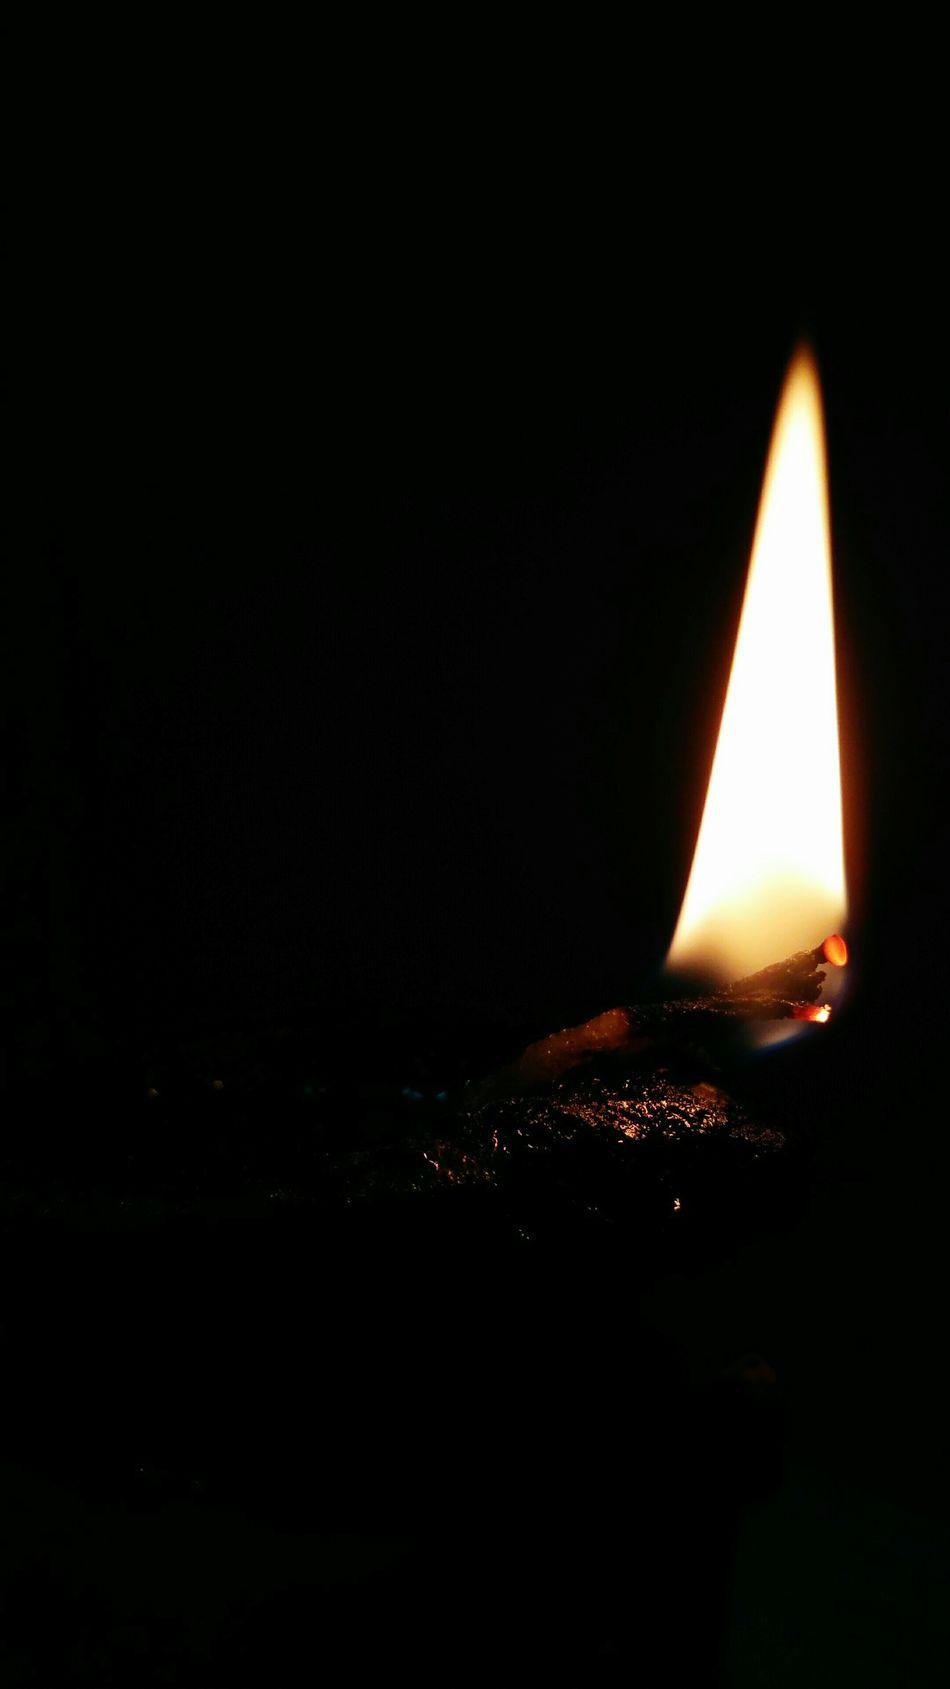 Illuminance Stillphotography Flame Lighten Up Keeps Me Warm